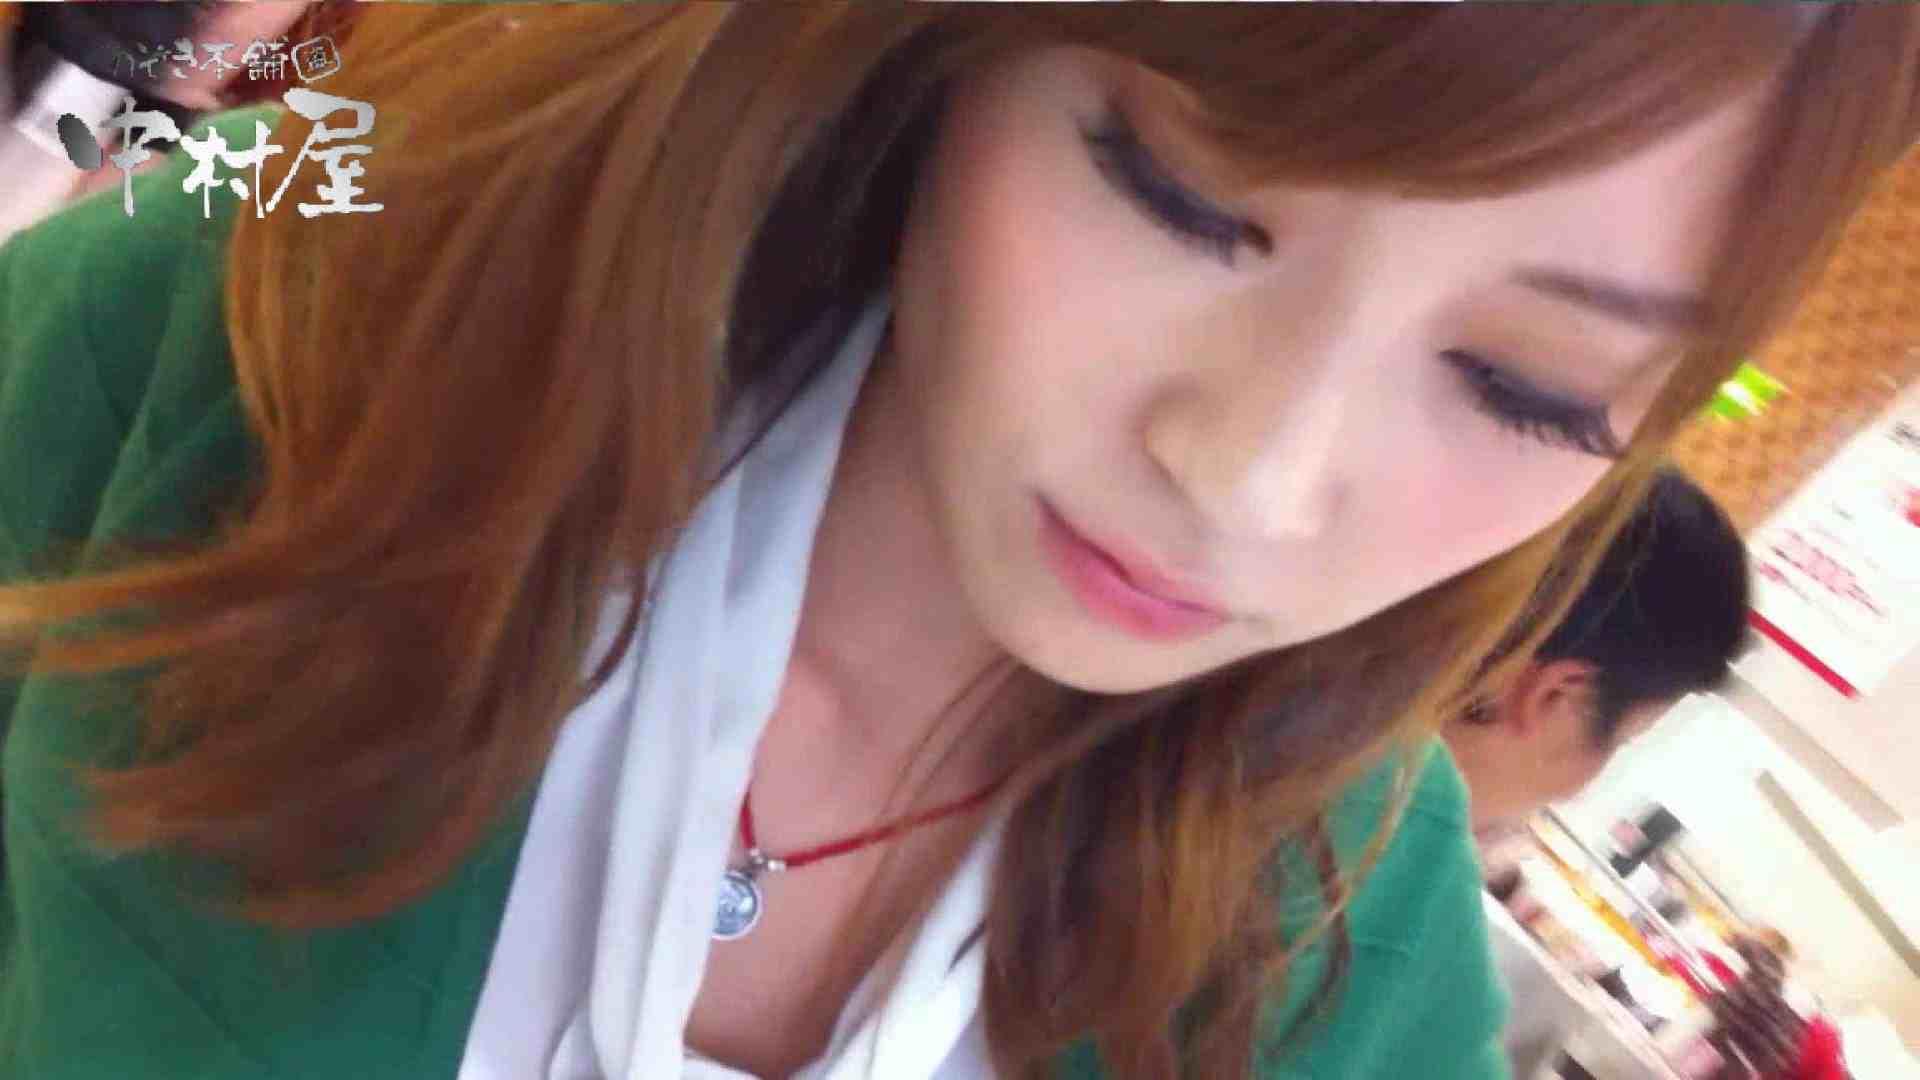 vol.48可愛いカリスマ店員胸チラ&パンチラ アニメ声の店員さん パンチラ | 接写  56pic 46